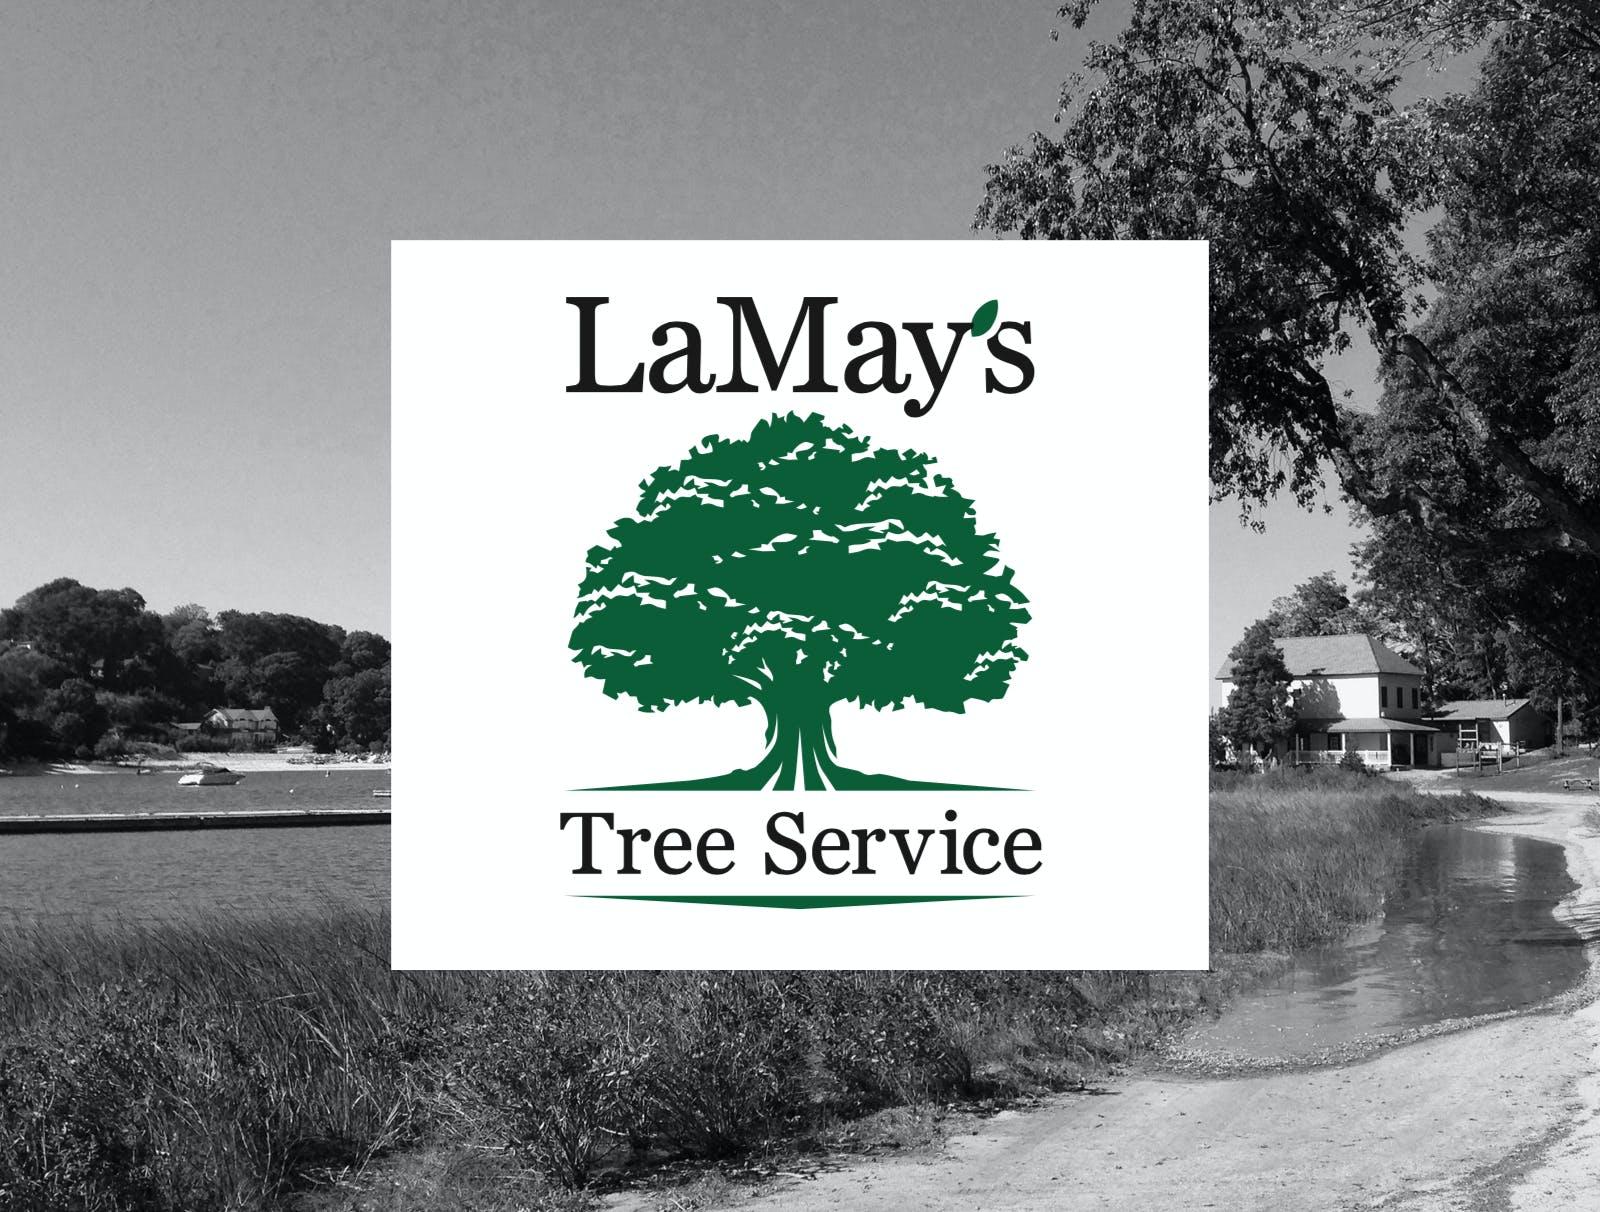 LaMay's Tree Service, Inc